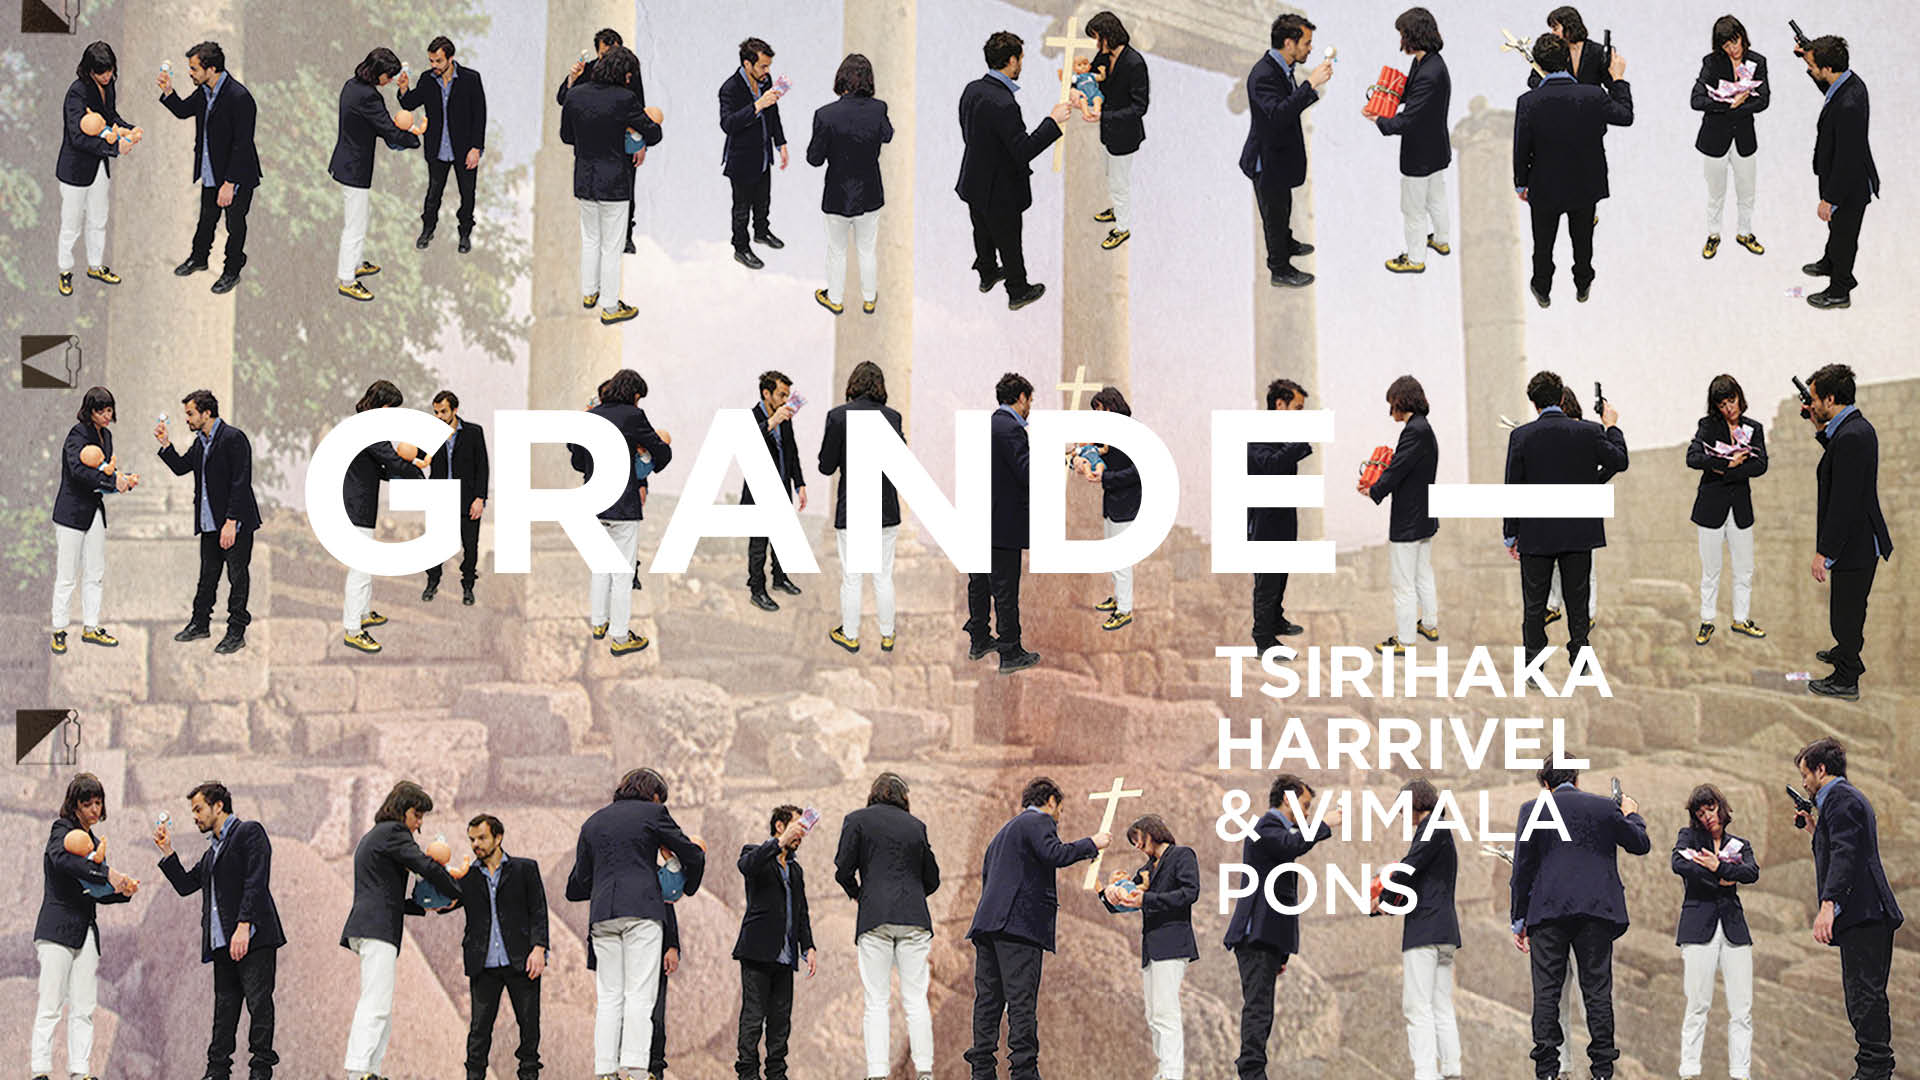 GRANDE – di Harrivel & Pons